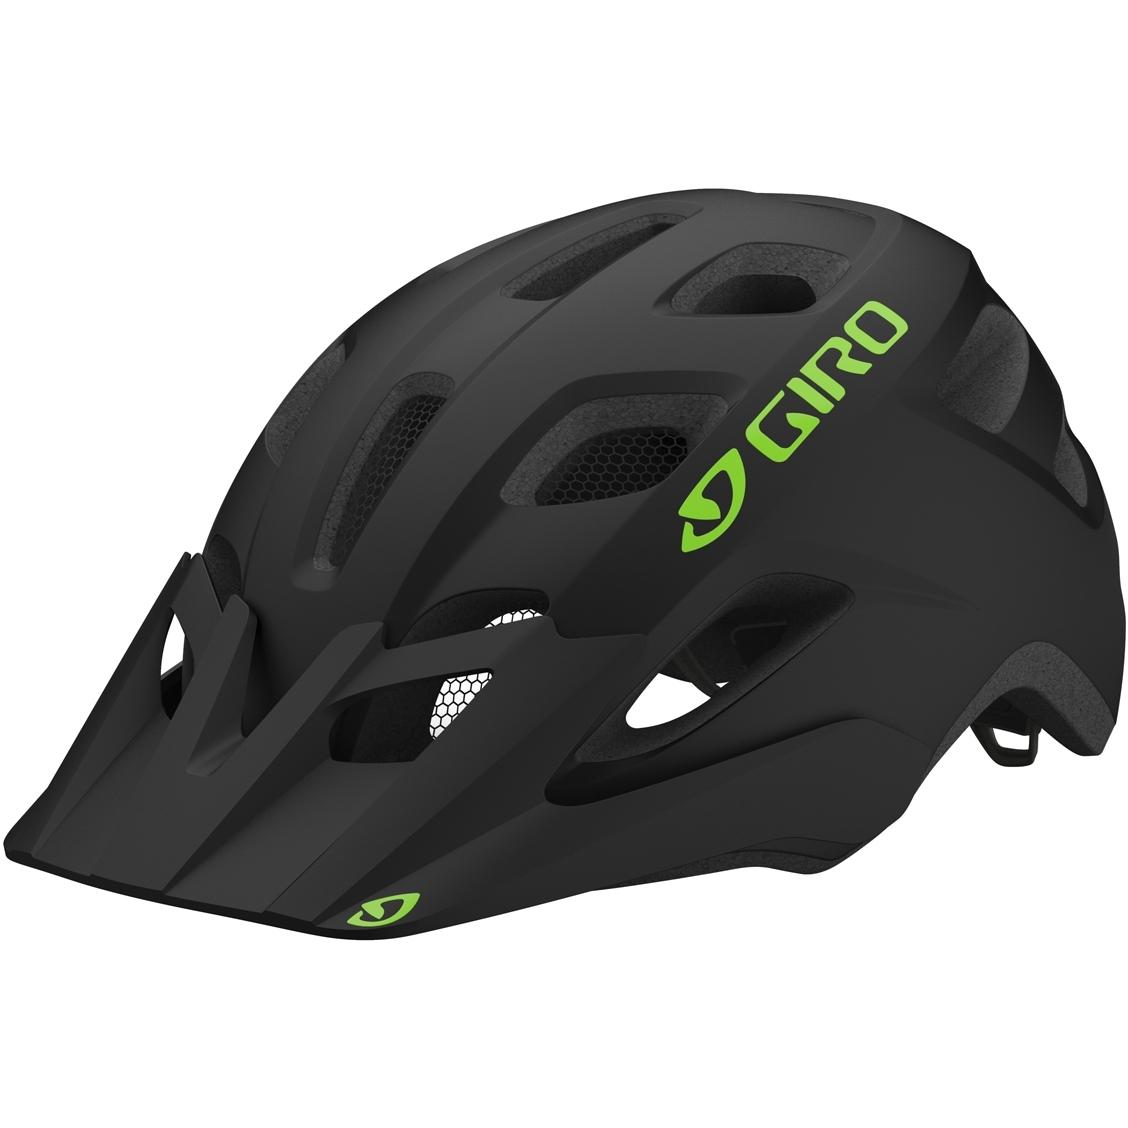 Giro Tremor Child Helm - matte black